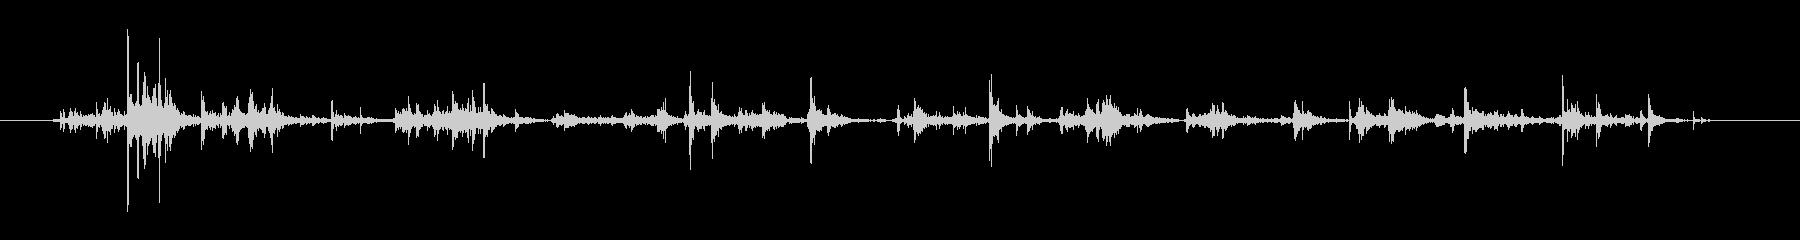 【ペン立て01-4(ガサゴソ)】の未再生の波形